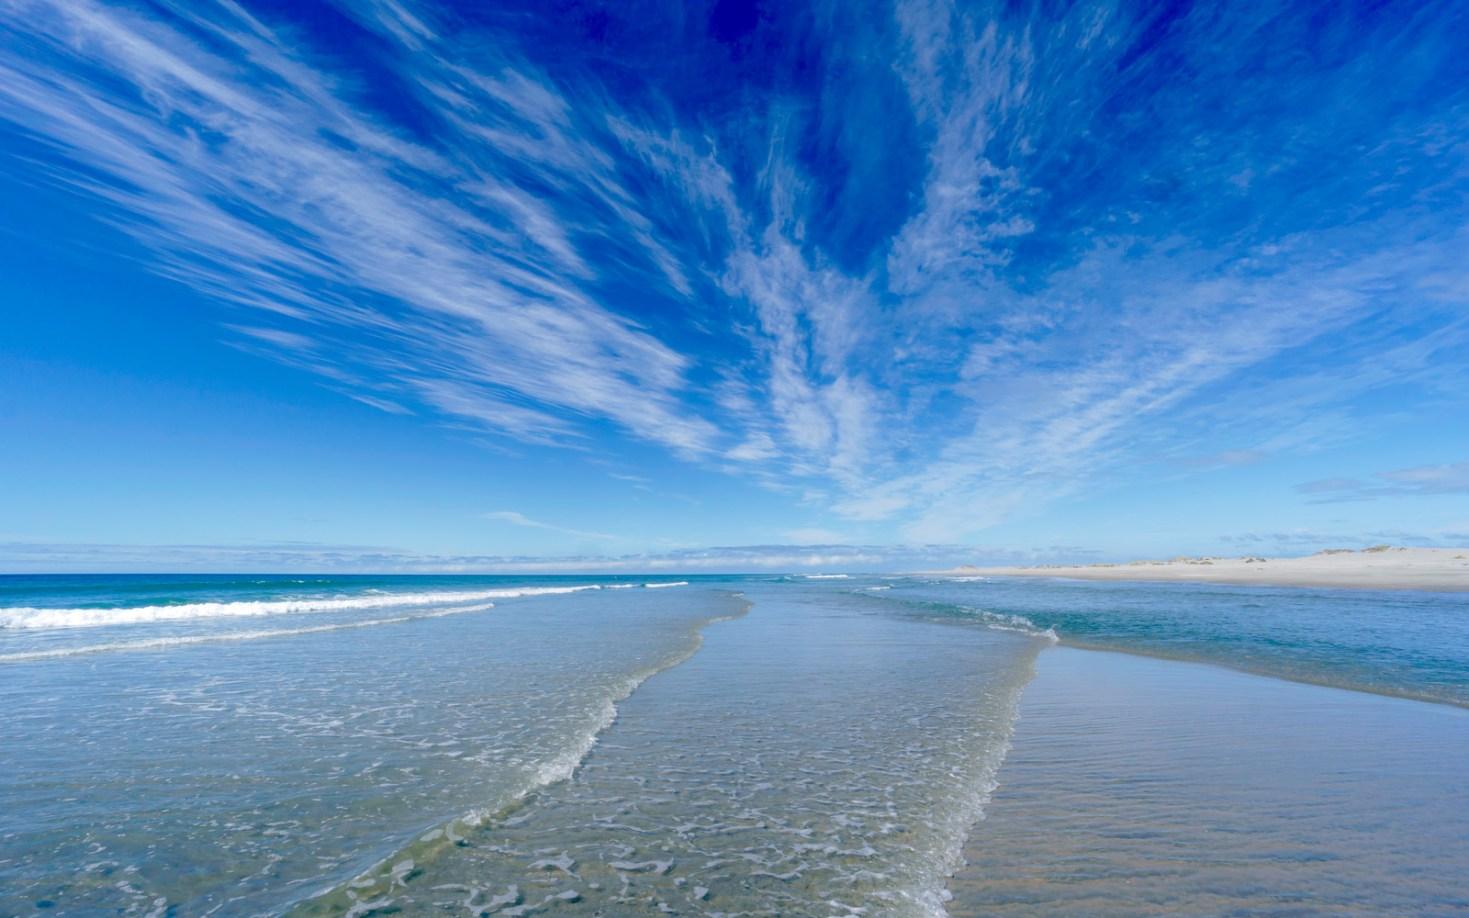 New Zealand, Farewell Spit